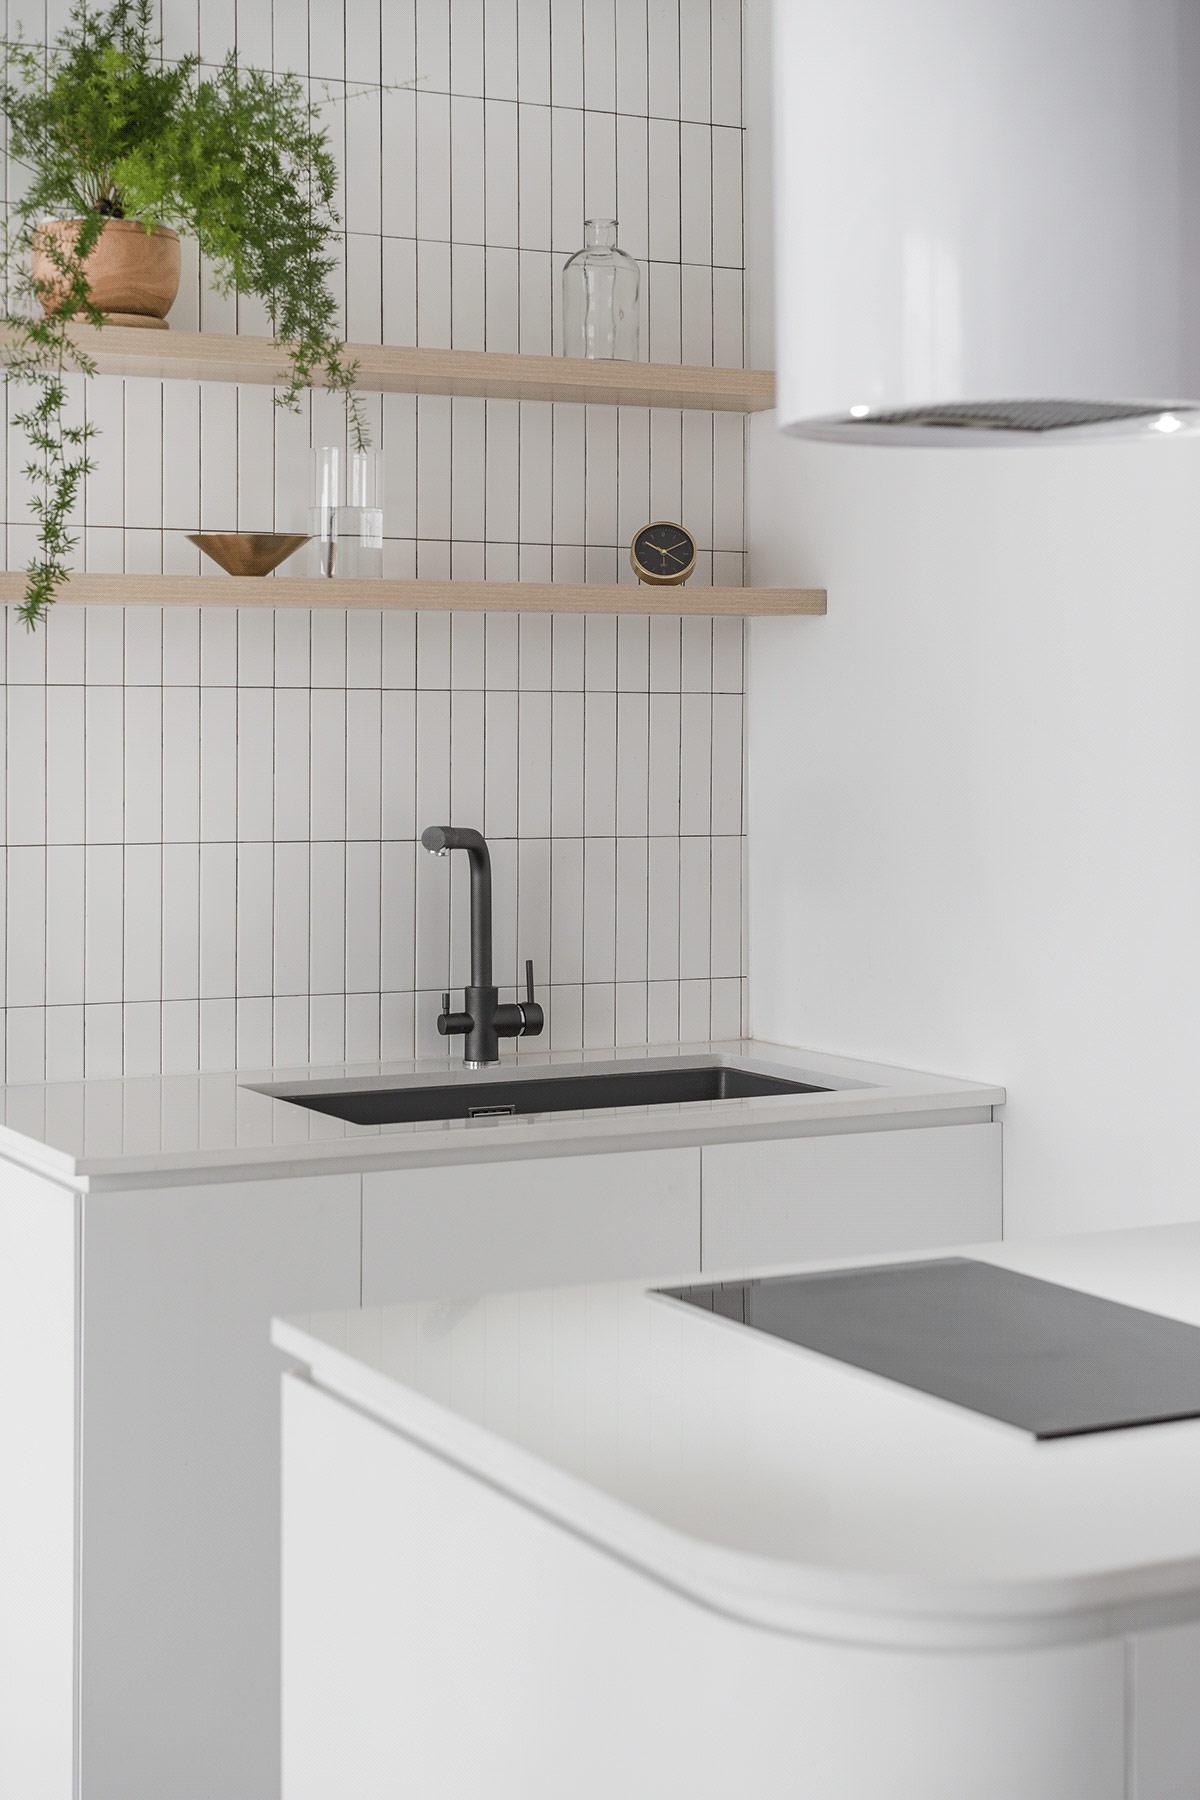 Kệ gỗ, tường ốp gạch thẻ, chậu cảnh xanh mát và một vài món đồ nhỏ xinh tạo vẻ sinh động, hút mắt cho không gian bếp nấu.